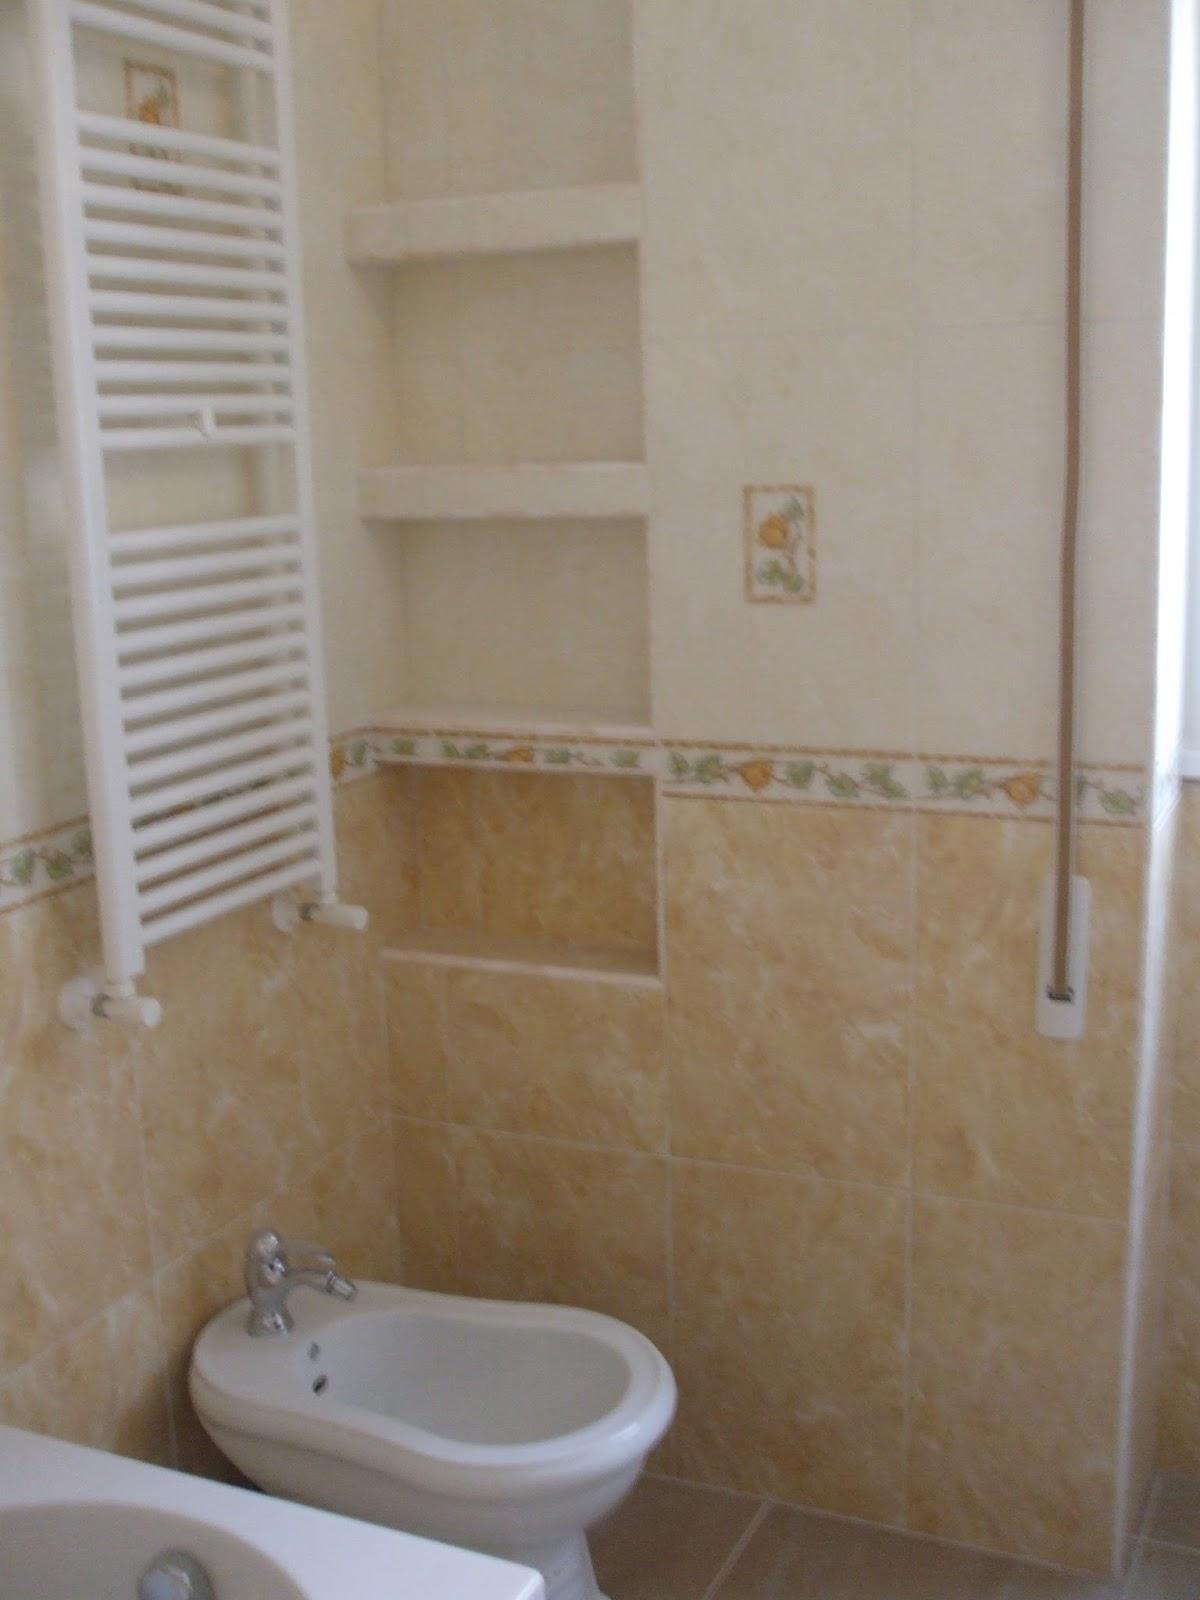 Mobile Bagno Muratura Moderno.Arredo Bagno In Muratura Amazing Arredo Bagno In Muratura With